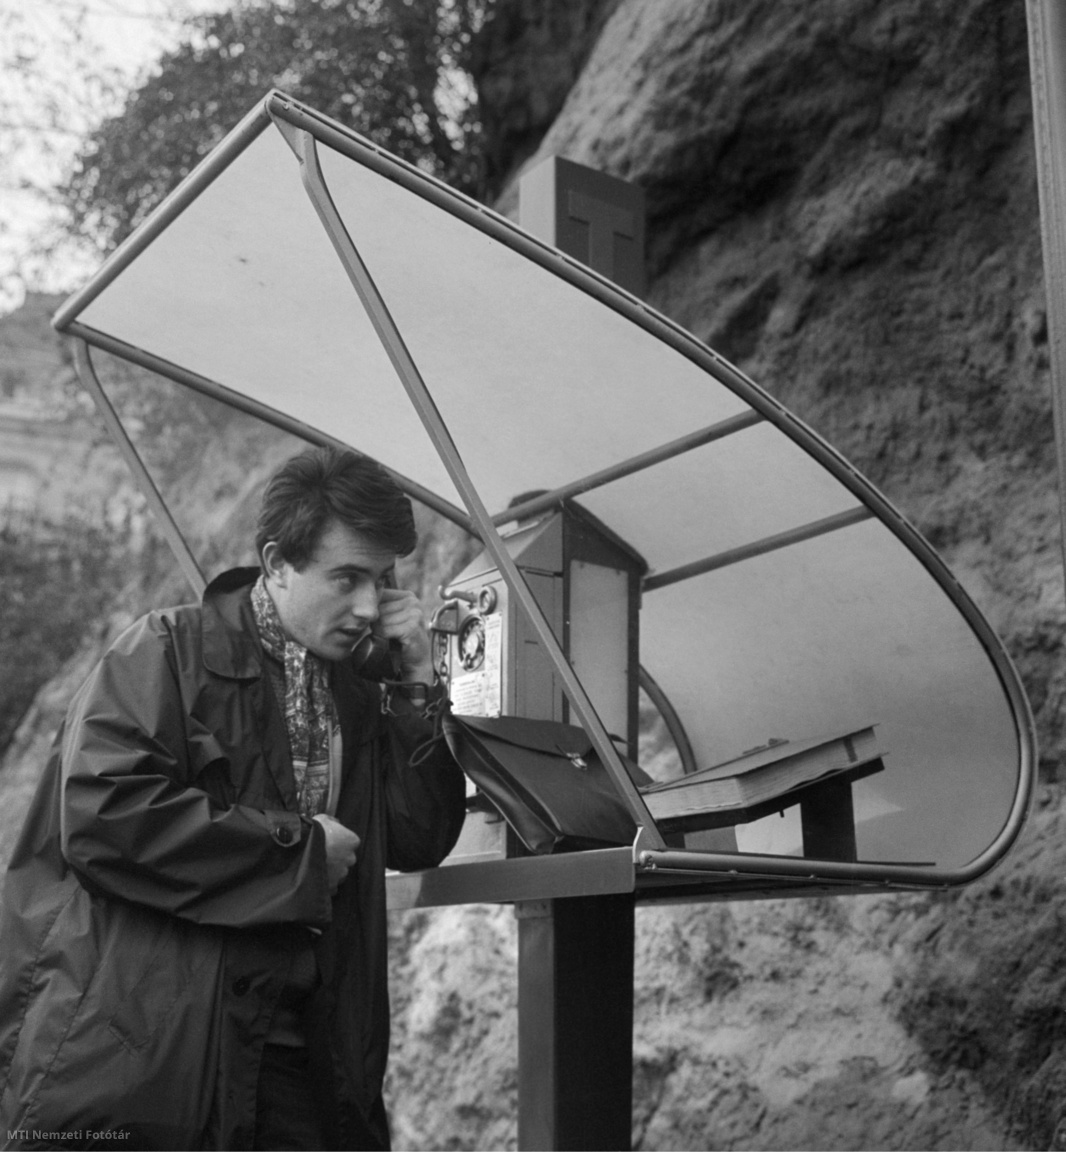 Egy férfi a Magyar Posta által felállított öt új, különböző formájú és színű távbeszélő állomás egyikénél telefonál a Gellért térnél, a Gellért-hegy oldalánál 1962. november 2-án. Az új állomások a Posta által korábban kiírt pályázatra beérkezett tervek prototípusai. Ezek közül egy viszonylag hosszabb üzemeltetés után döntik majd el véglegesen, hogy melyekkel cserélik fel az elavult állomásokat, fülkéket